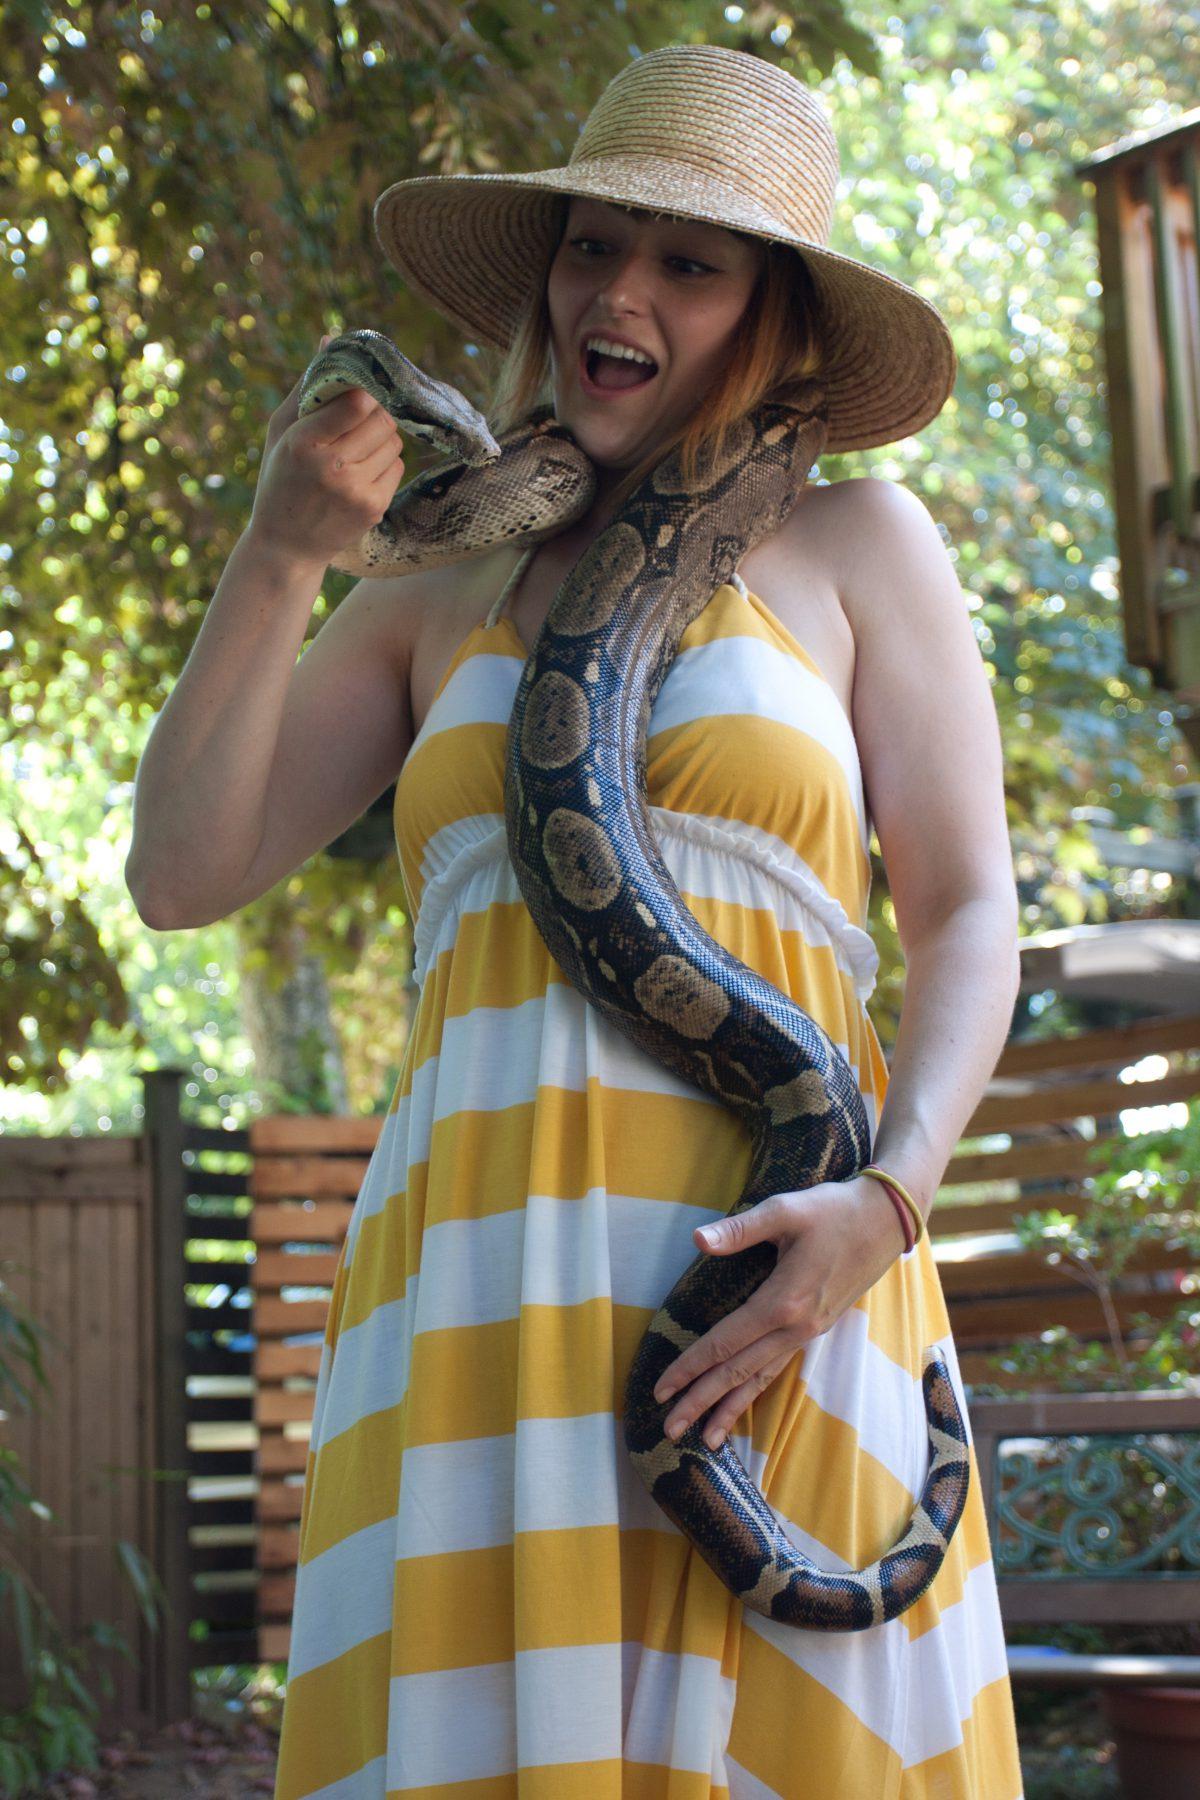 the birthday girl, snake, animal, female